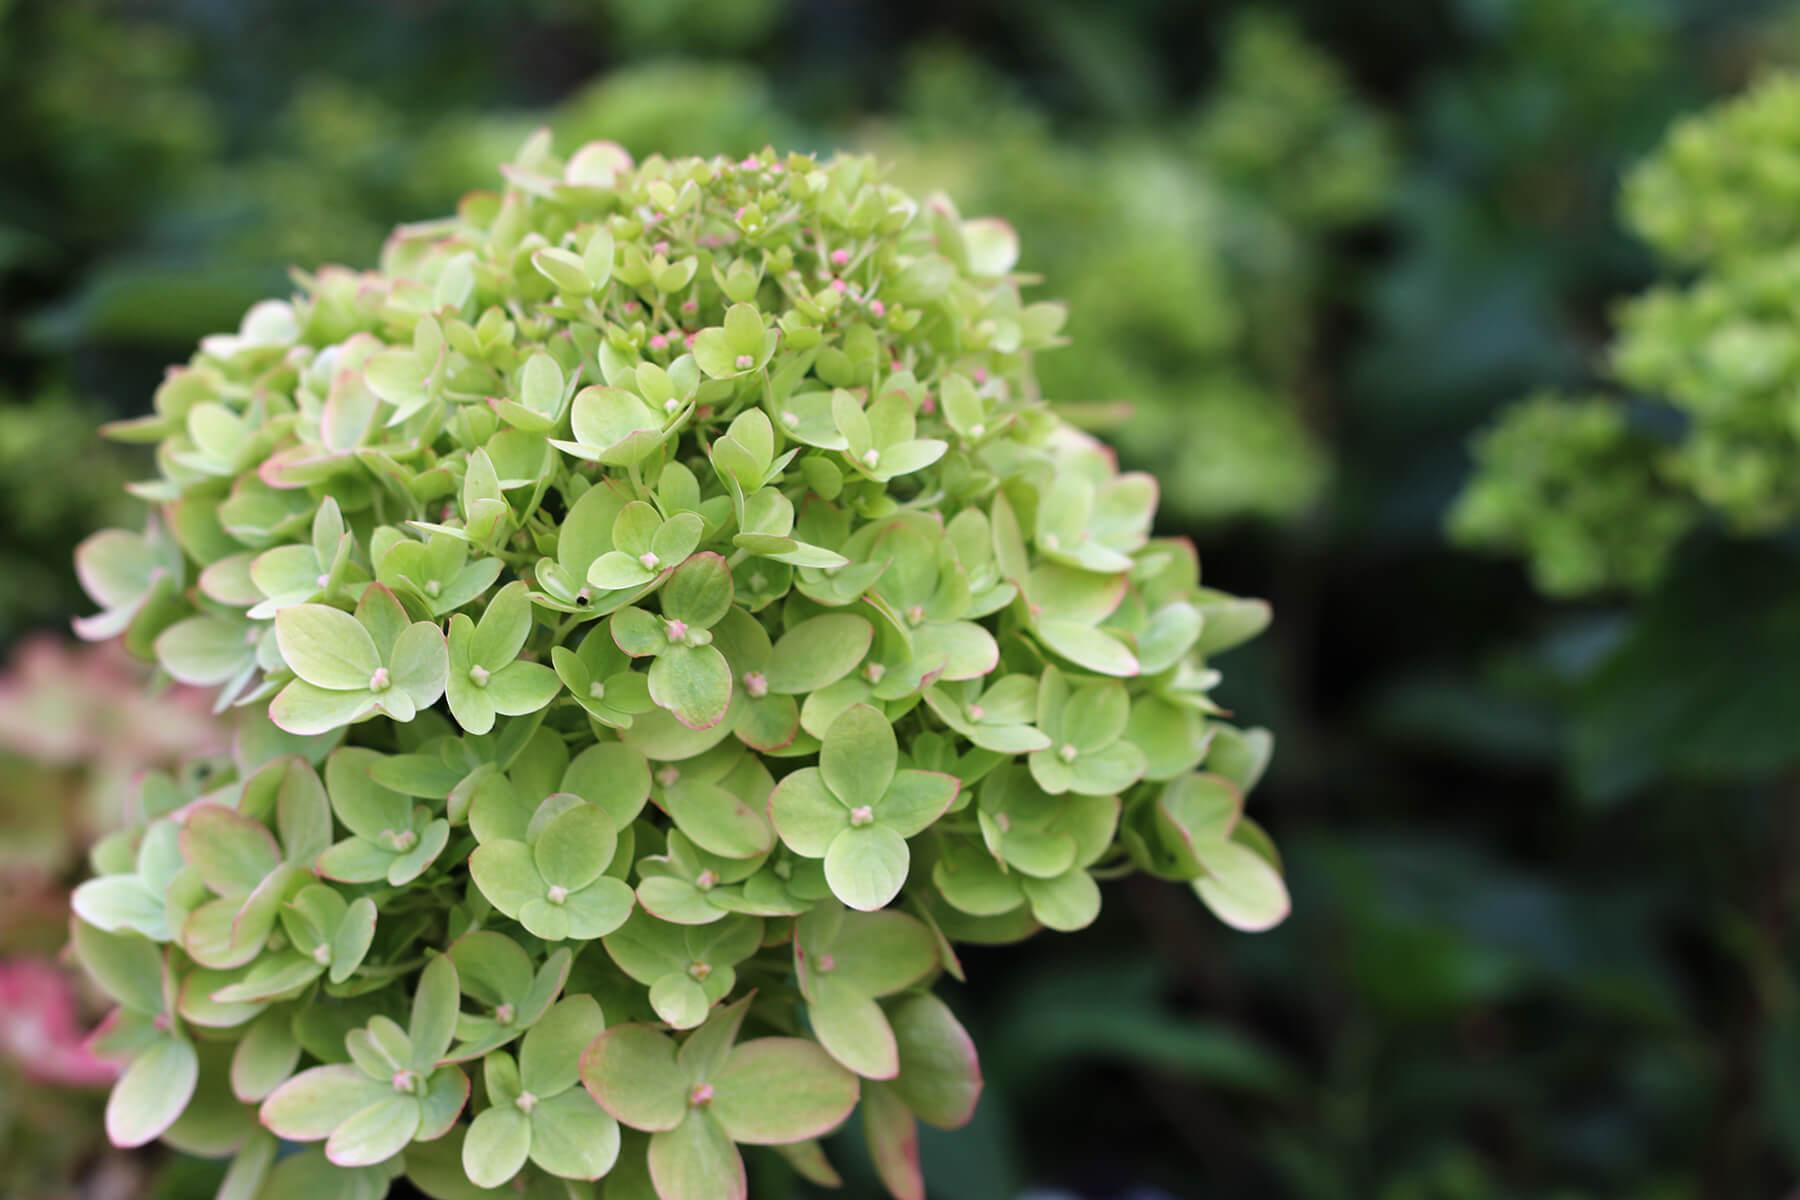 Årets höstfröjd 2020 är vipphortensia. Hydrangea paniculata. Med sina många blommor samlade i stora vippor är den fin i vilken trädgård som helst. Romantiskt, strikt och modernt eller en plantering med mer vildvuxen karaktär. Vipphortensia är en omtyckt klassiker i svenska trädgårdar. En lättodlad växt med lång blomningstid.